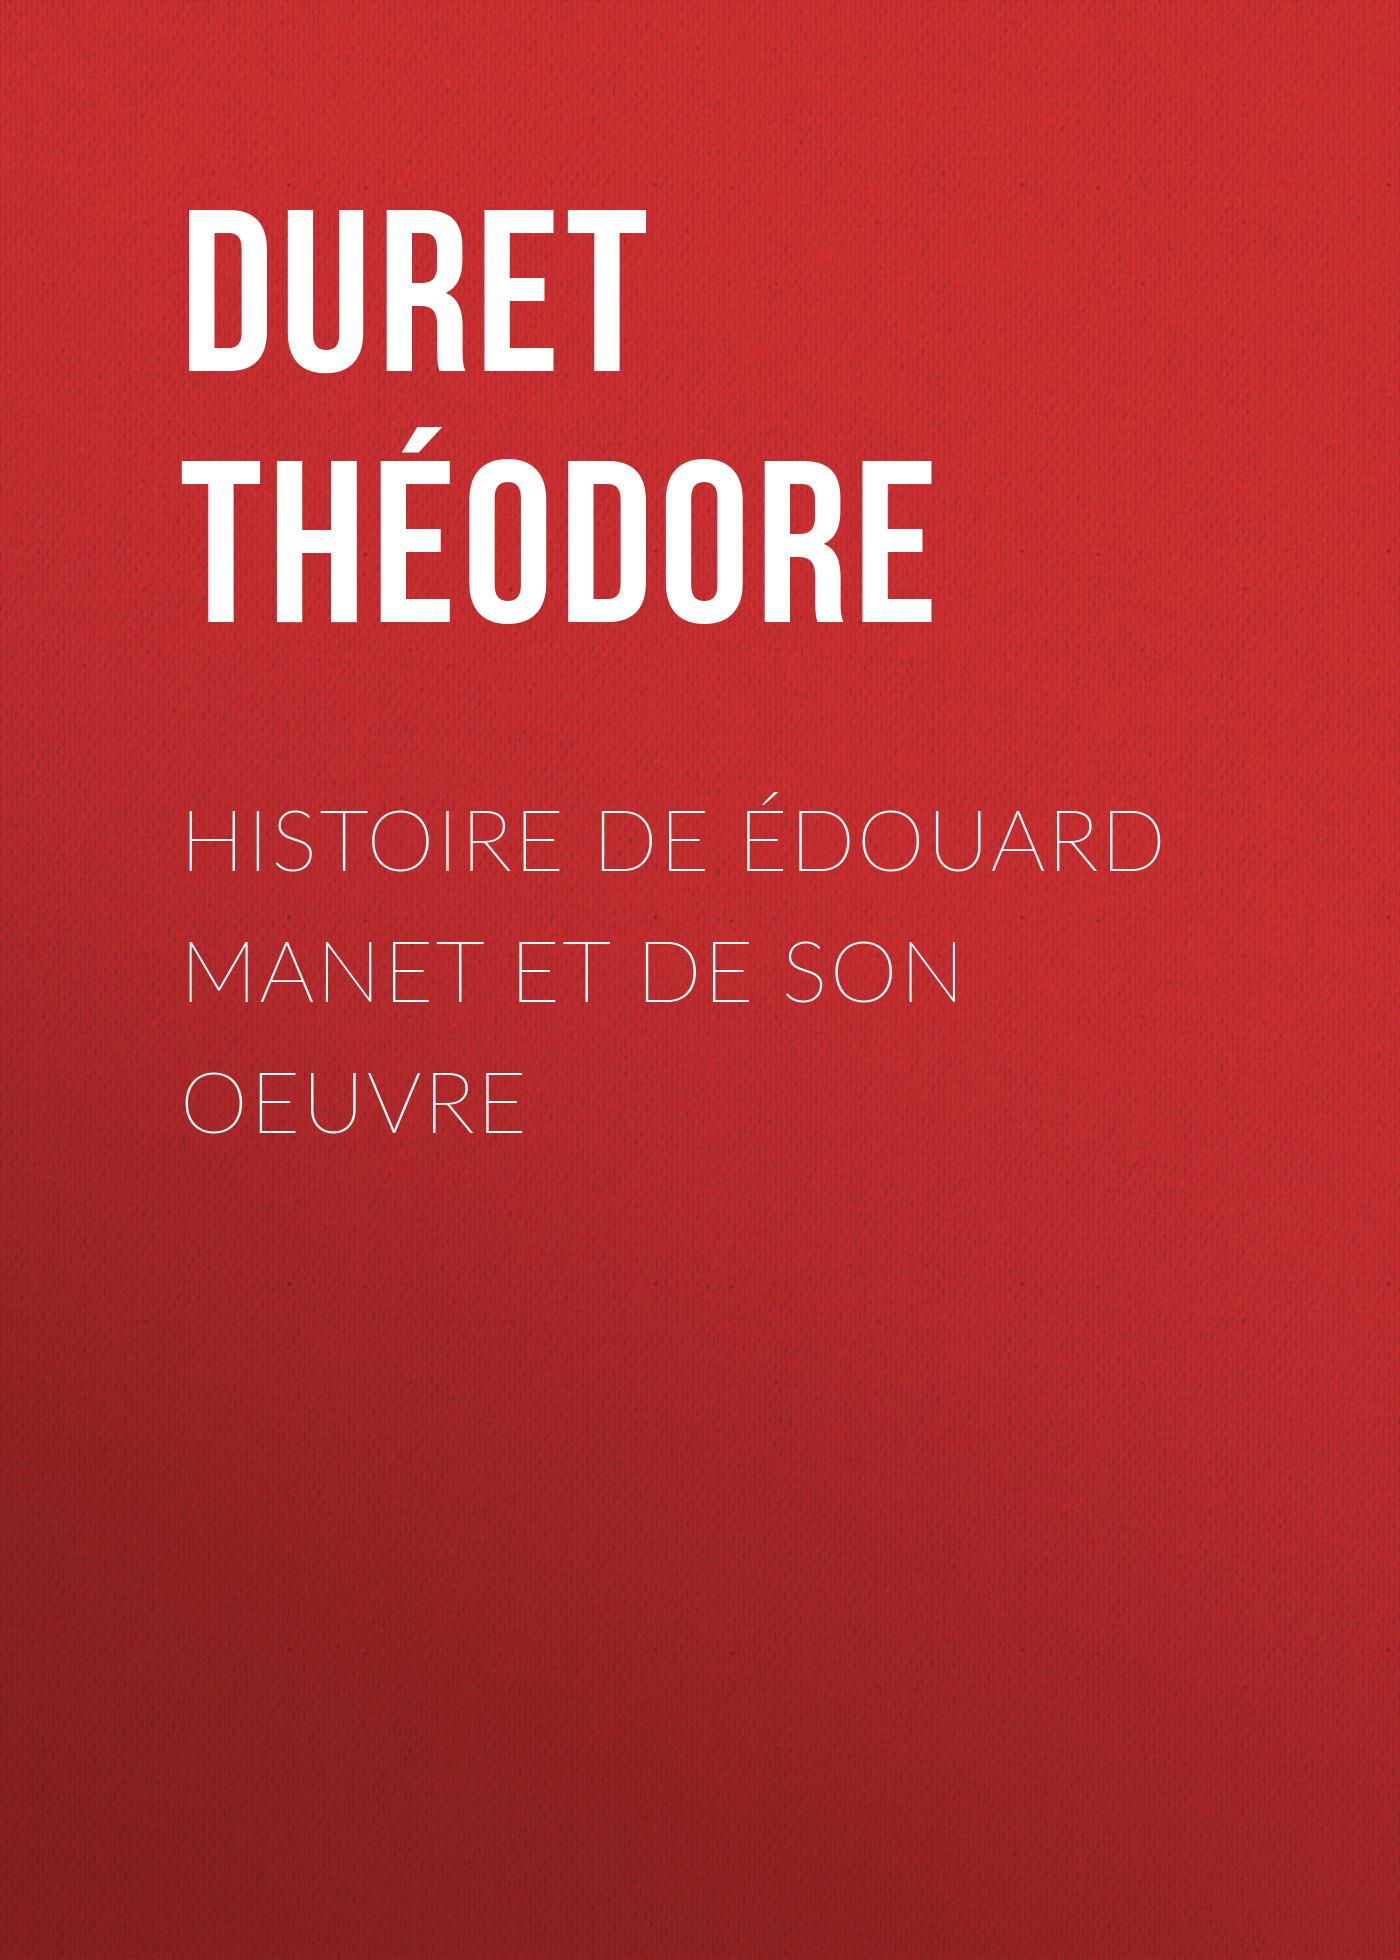 Duret Théodore Histoire de Édouard Manet et de son oeuvre цены онлайн